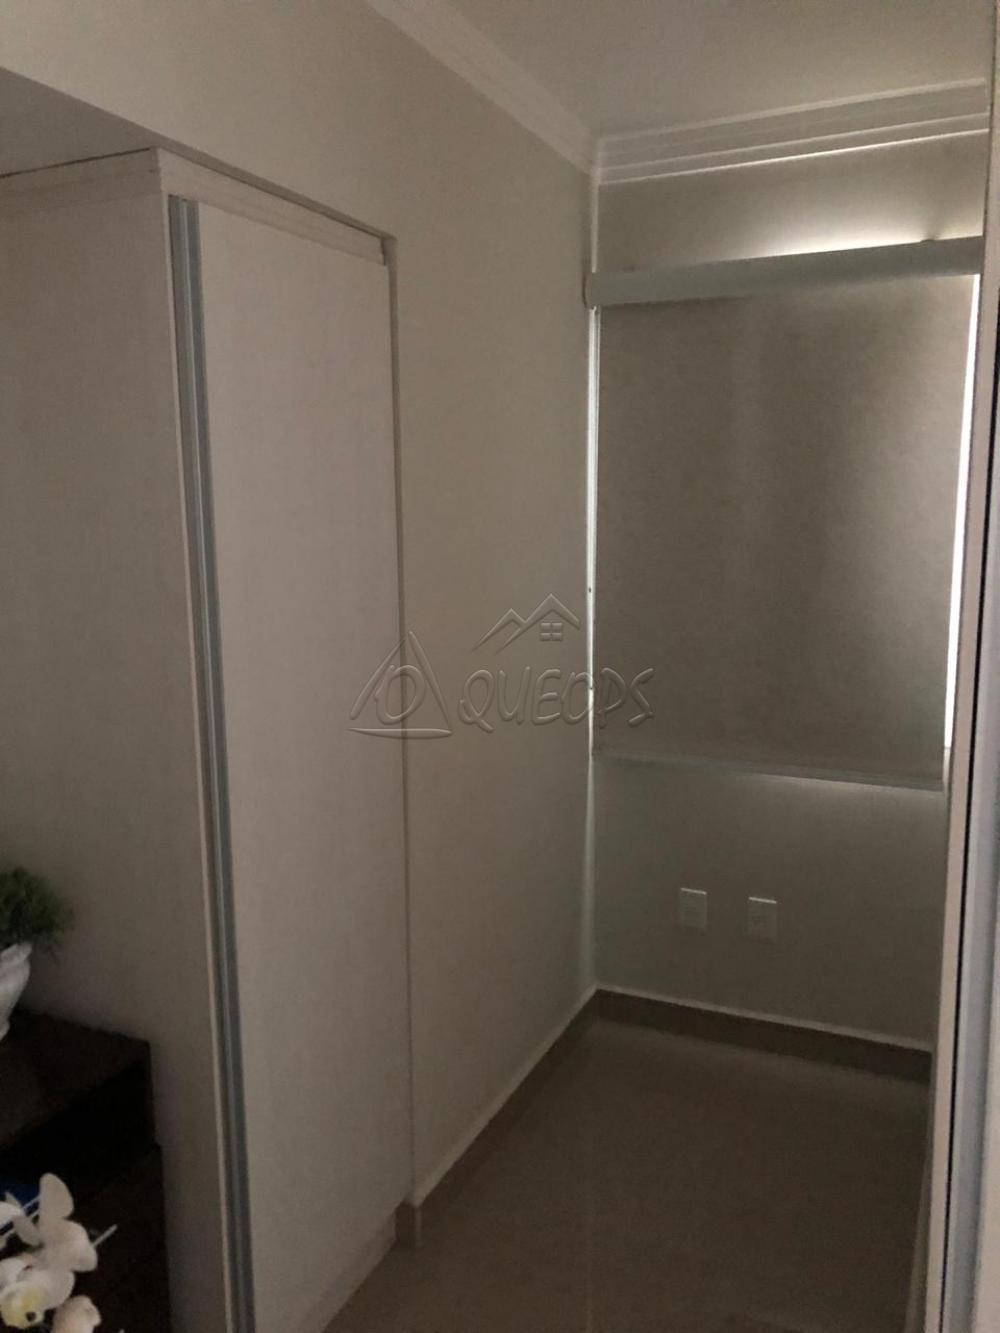 Comprar Apartamento / Padrão em Barretos apenas R$ 700.000,00 - Foto 24